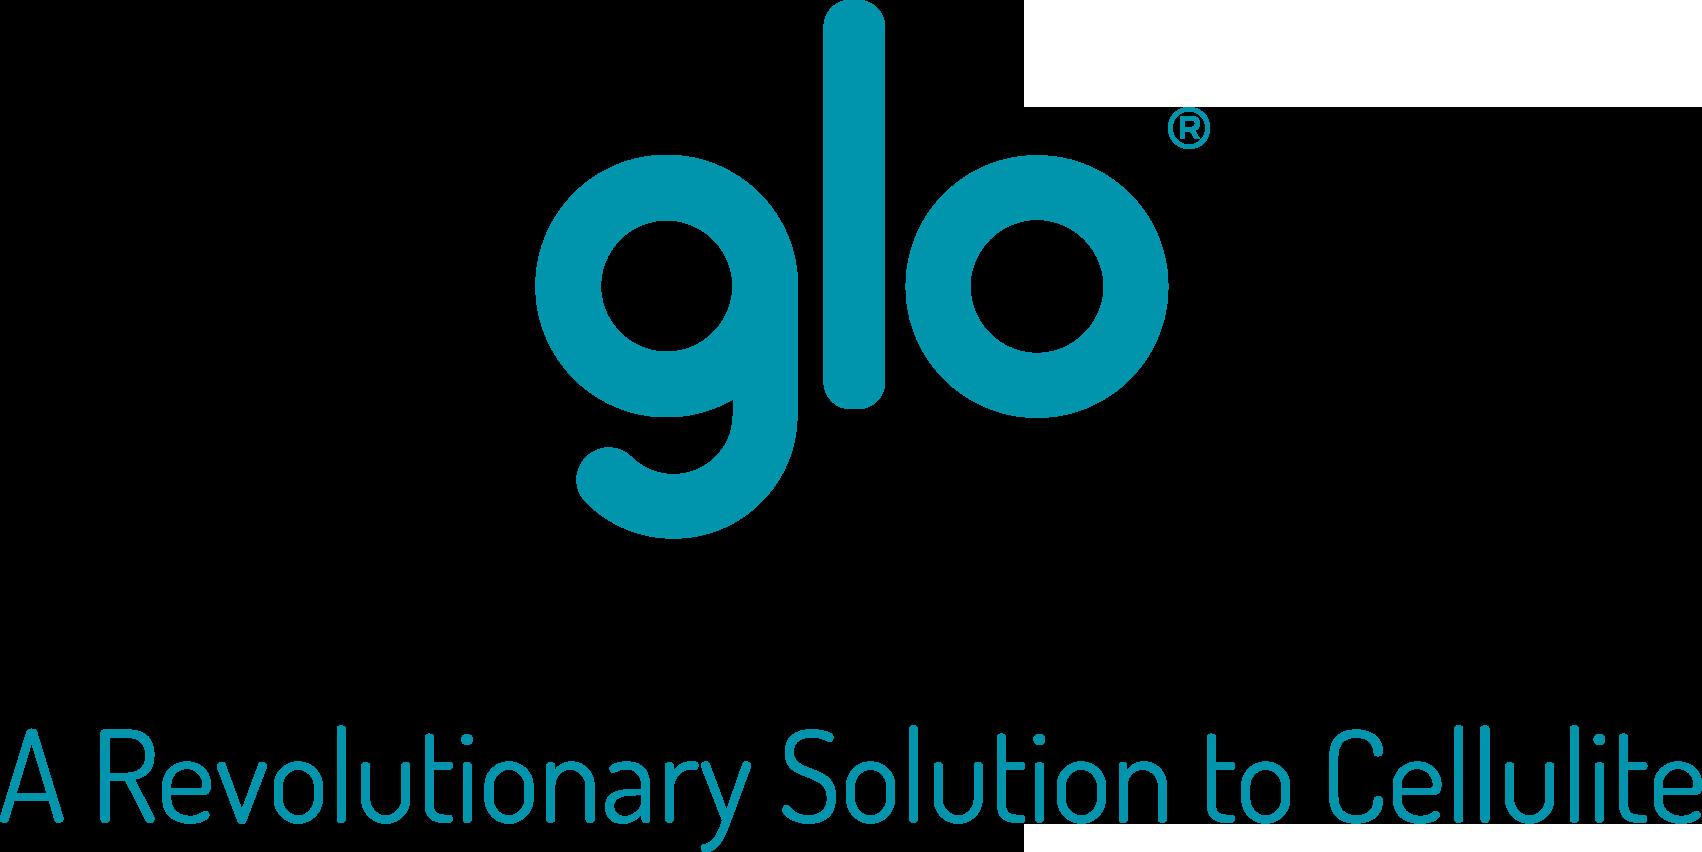 Glo, Glo910, celulitis, tratamiento corporal, flacidez, eliminar grasa, luz LED, tratamiento uso en casa, femtech, bienestar mujer, skinvity, autocuidado, selfcare,